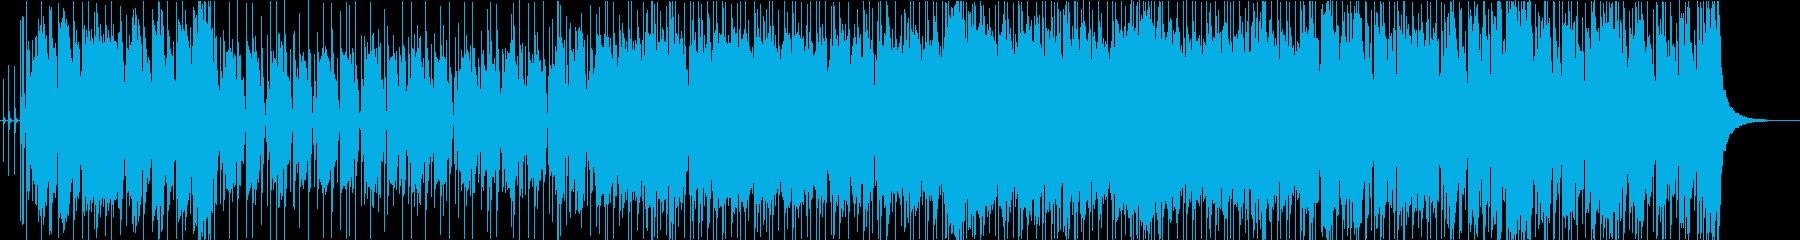 <ギター生演奏>軽快ドキドキワクワク海の再生済みの波形